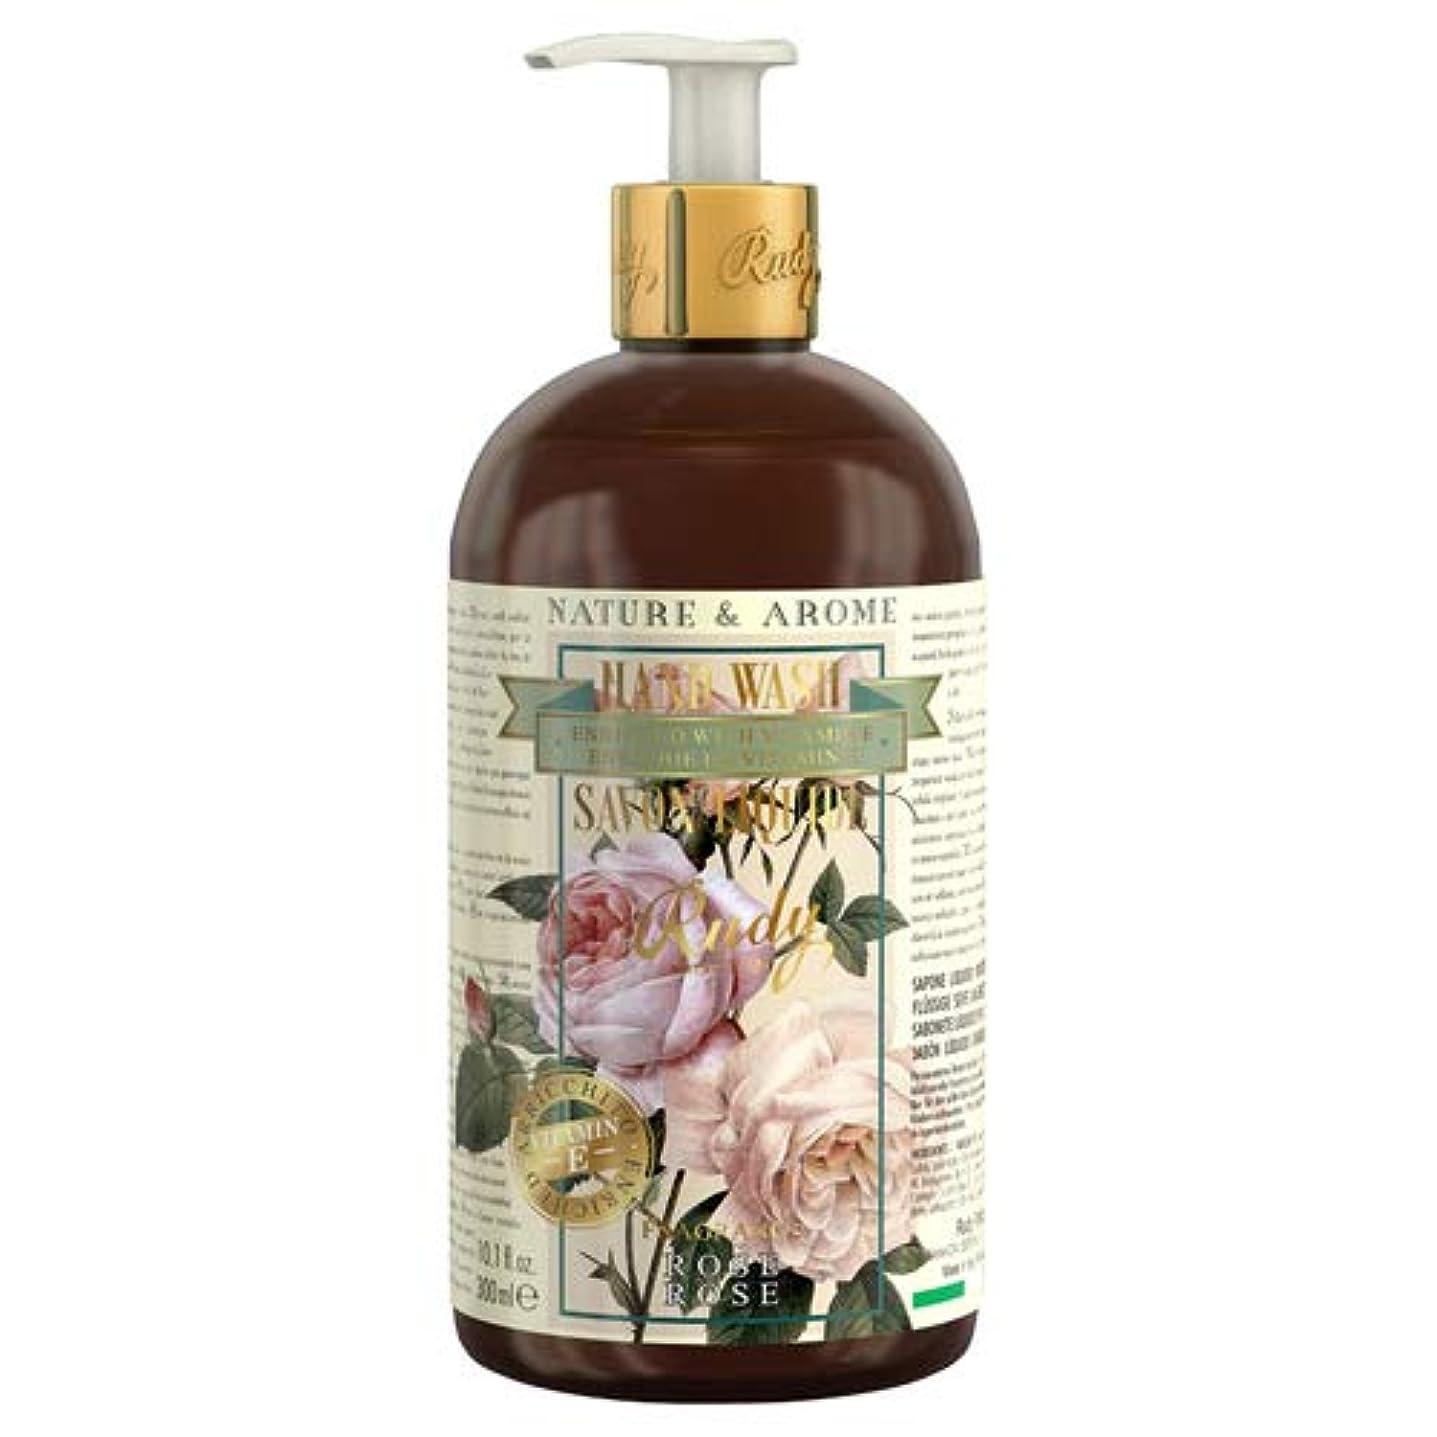 机アデレードラテンRUDY Nature&Arome Apothecary ネイチャーアロマ アポセカリー Hand Wash ハンドウォッシュ(ボディソープ) Rose ローズ